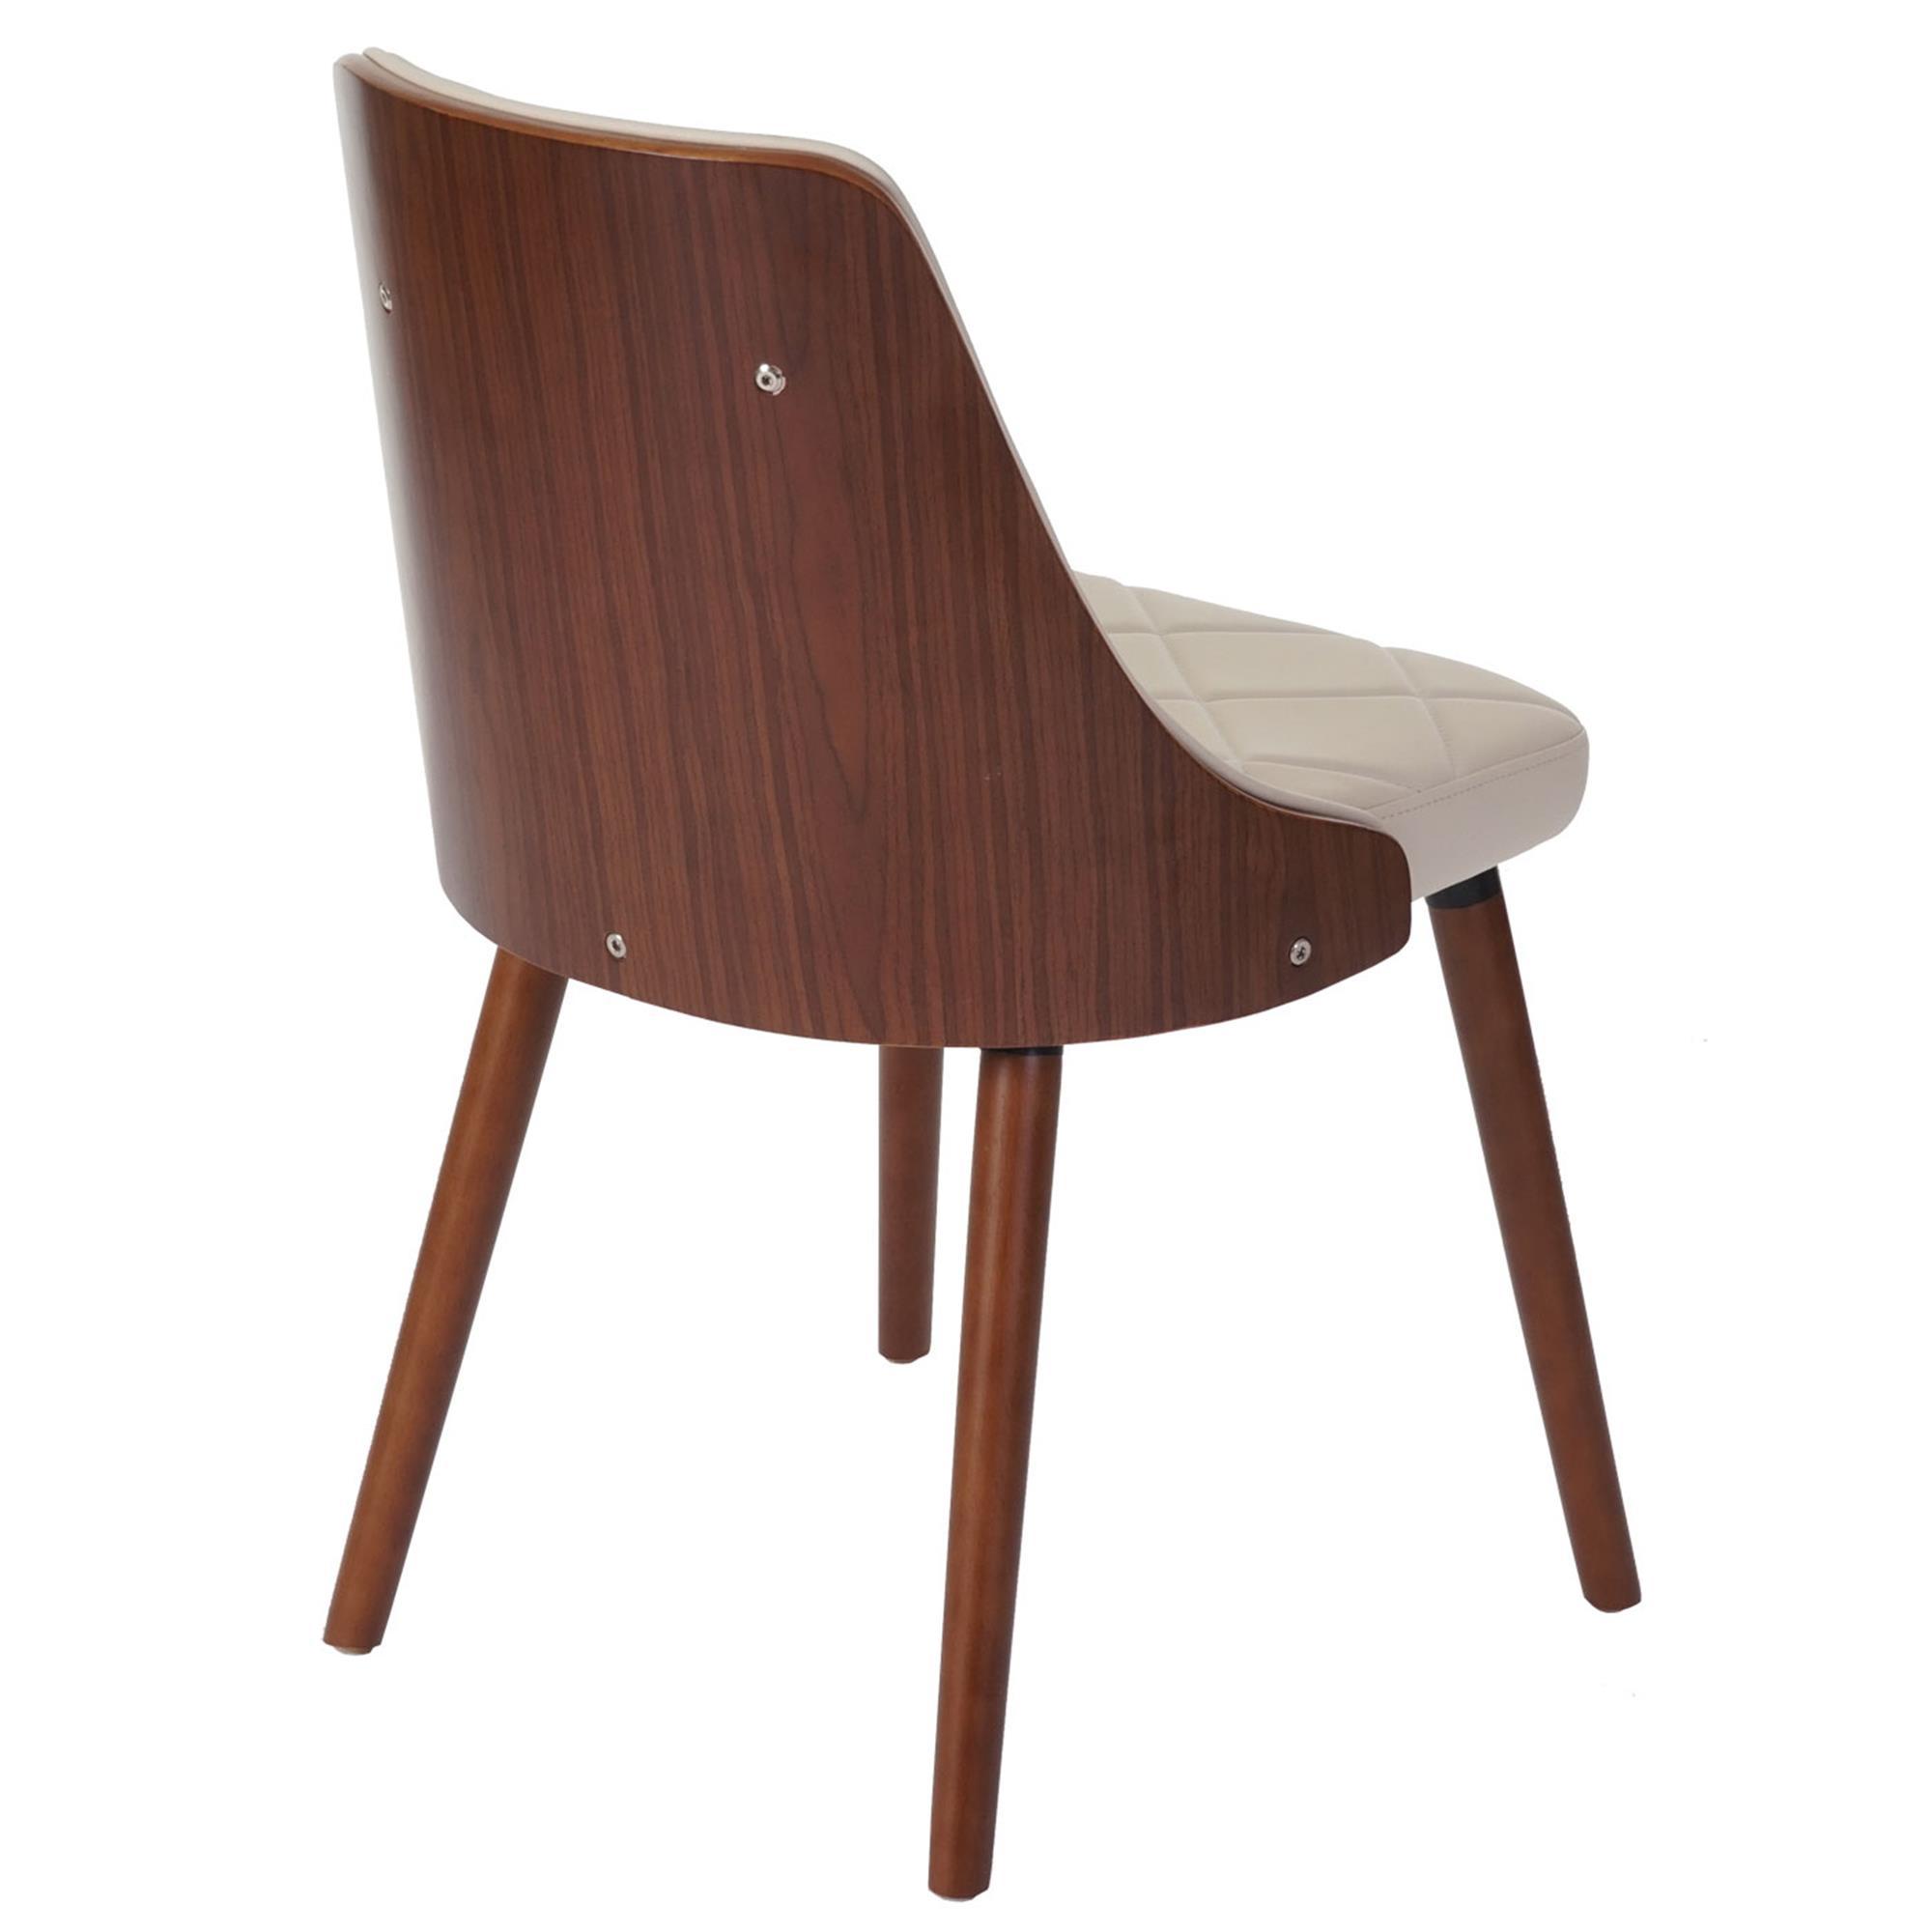 Lote 2 sillas de comedor baley en piel crema conjunto 2 for Sillas en piel para comedor